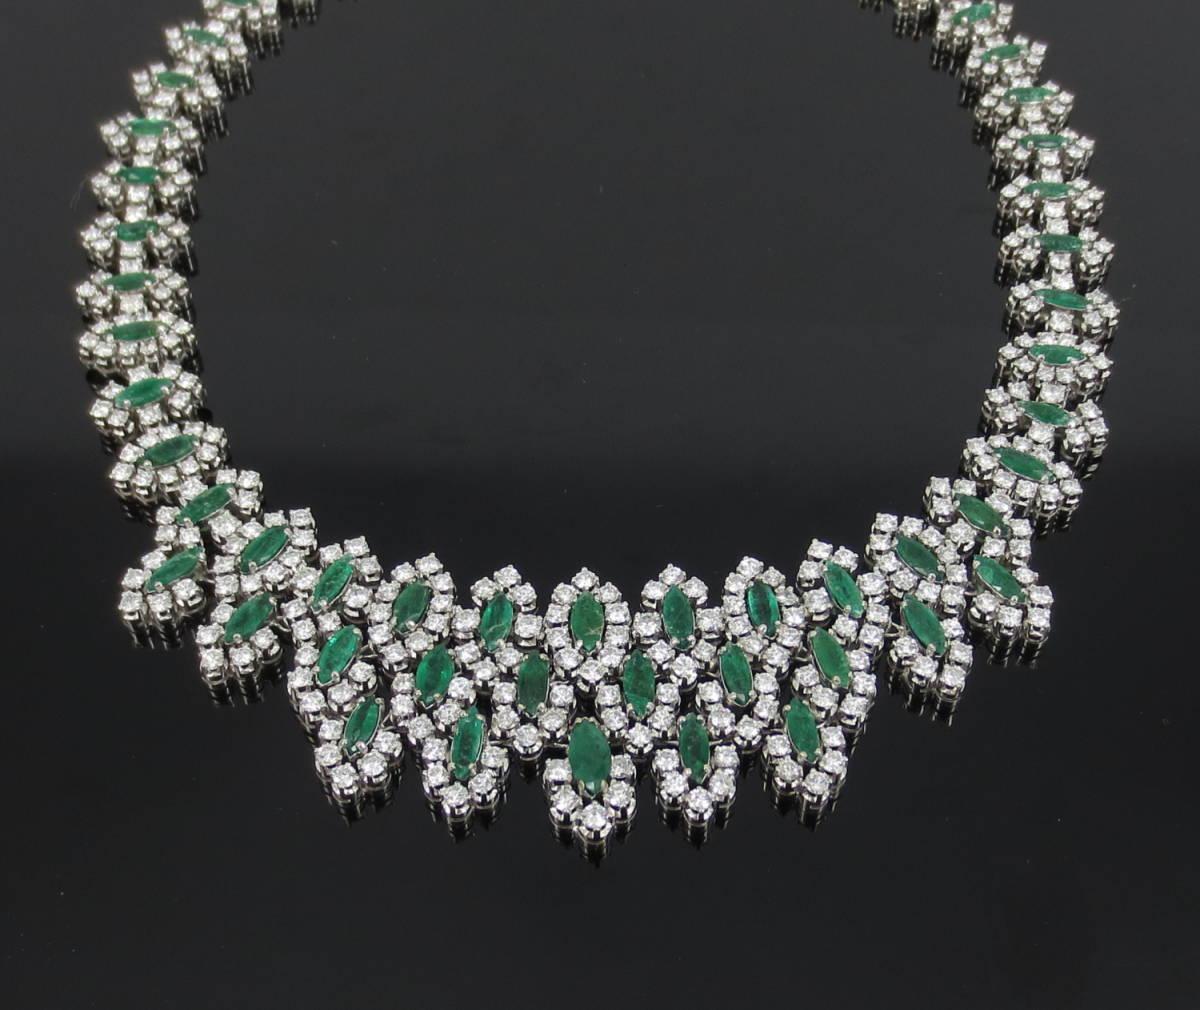 【ヴィンテージ】29.0ct ダイヤモンド 24.0ct コロンビア産 エメラルド 18金ホワイトゴールド ネックレス_画像2